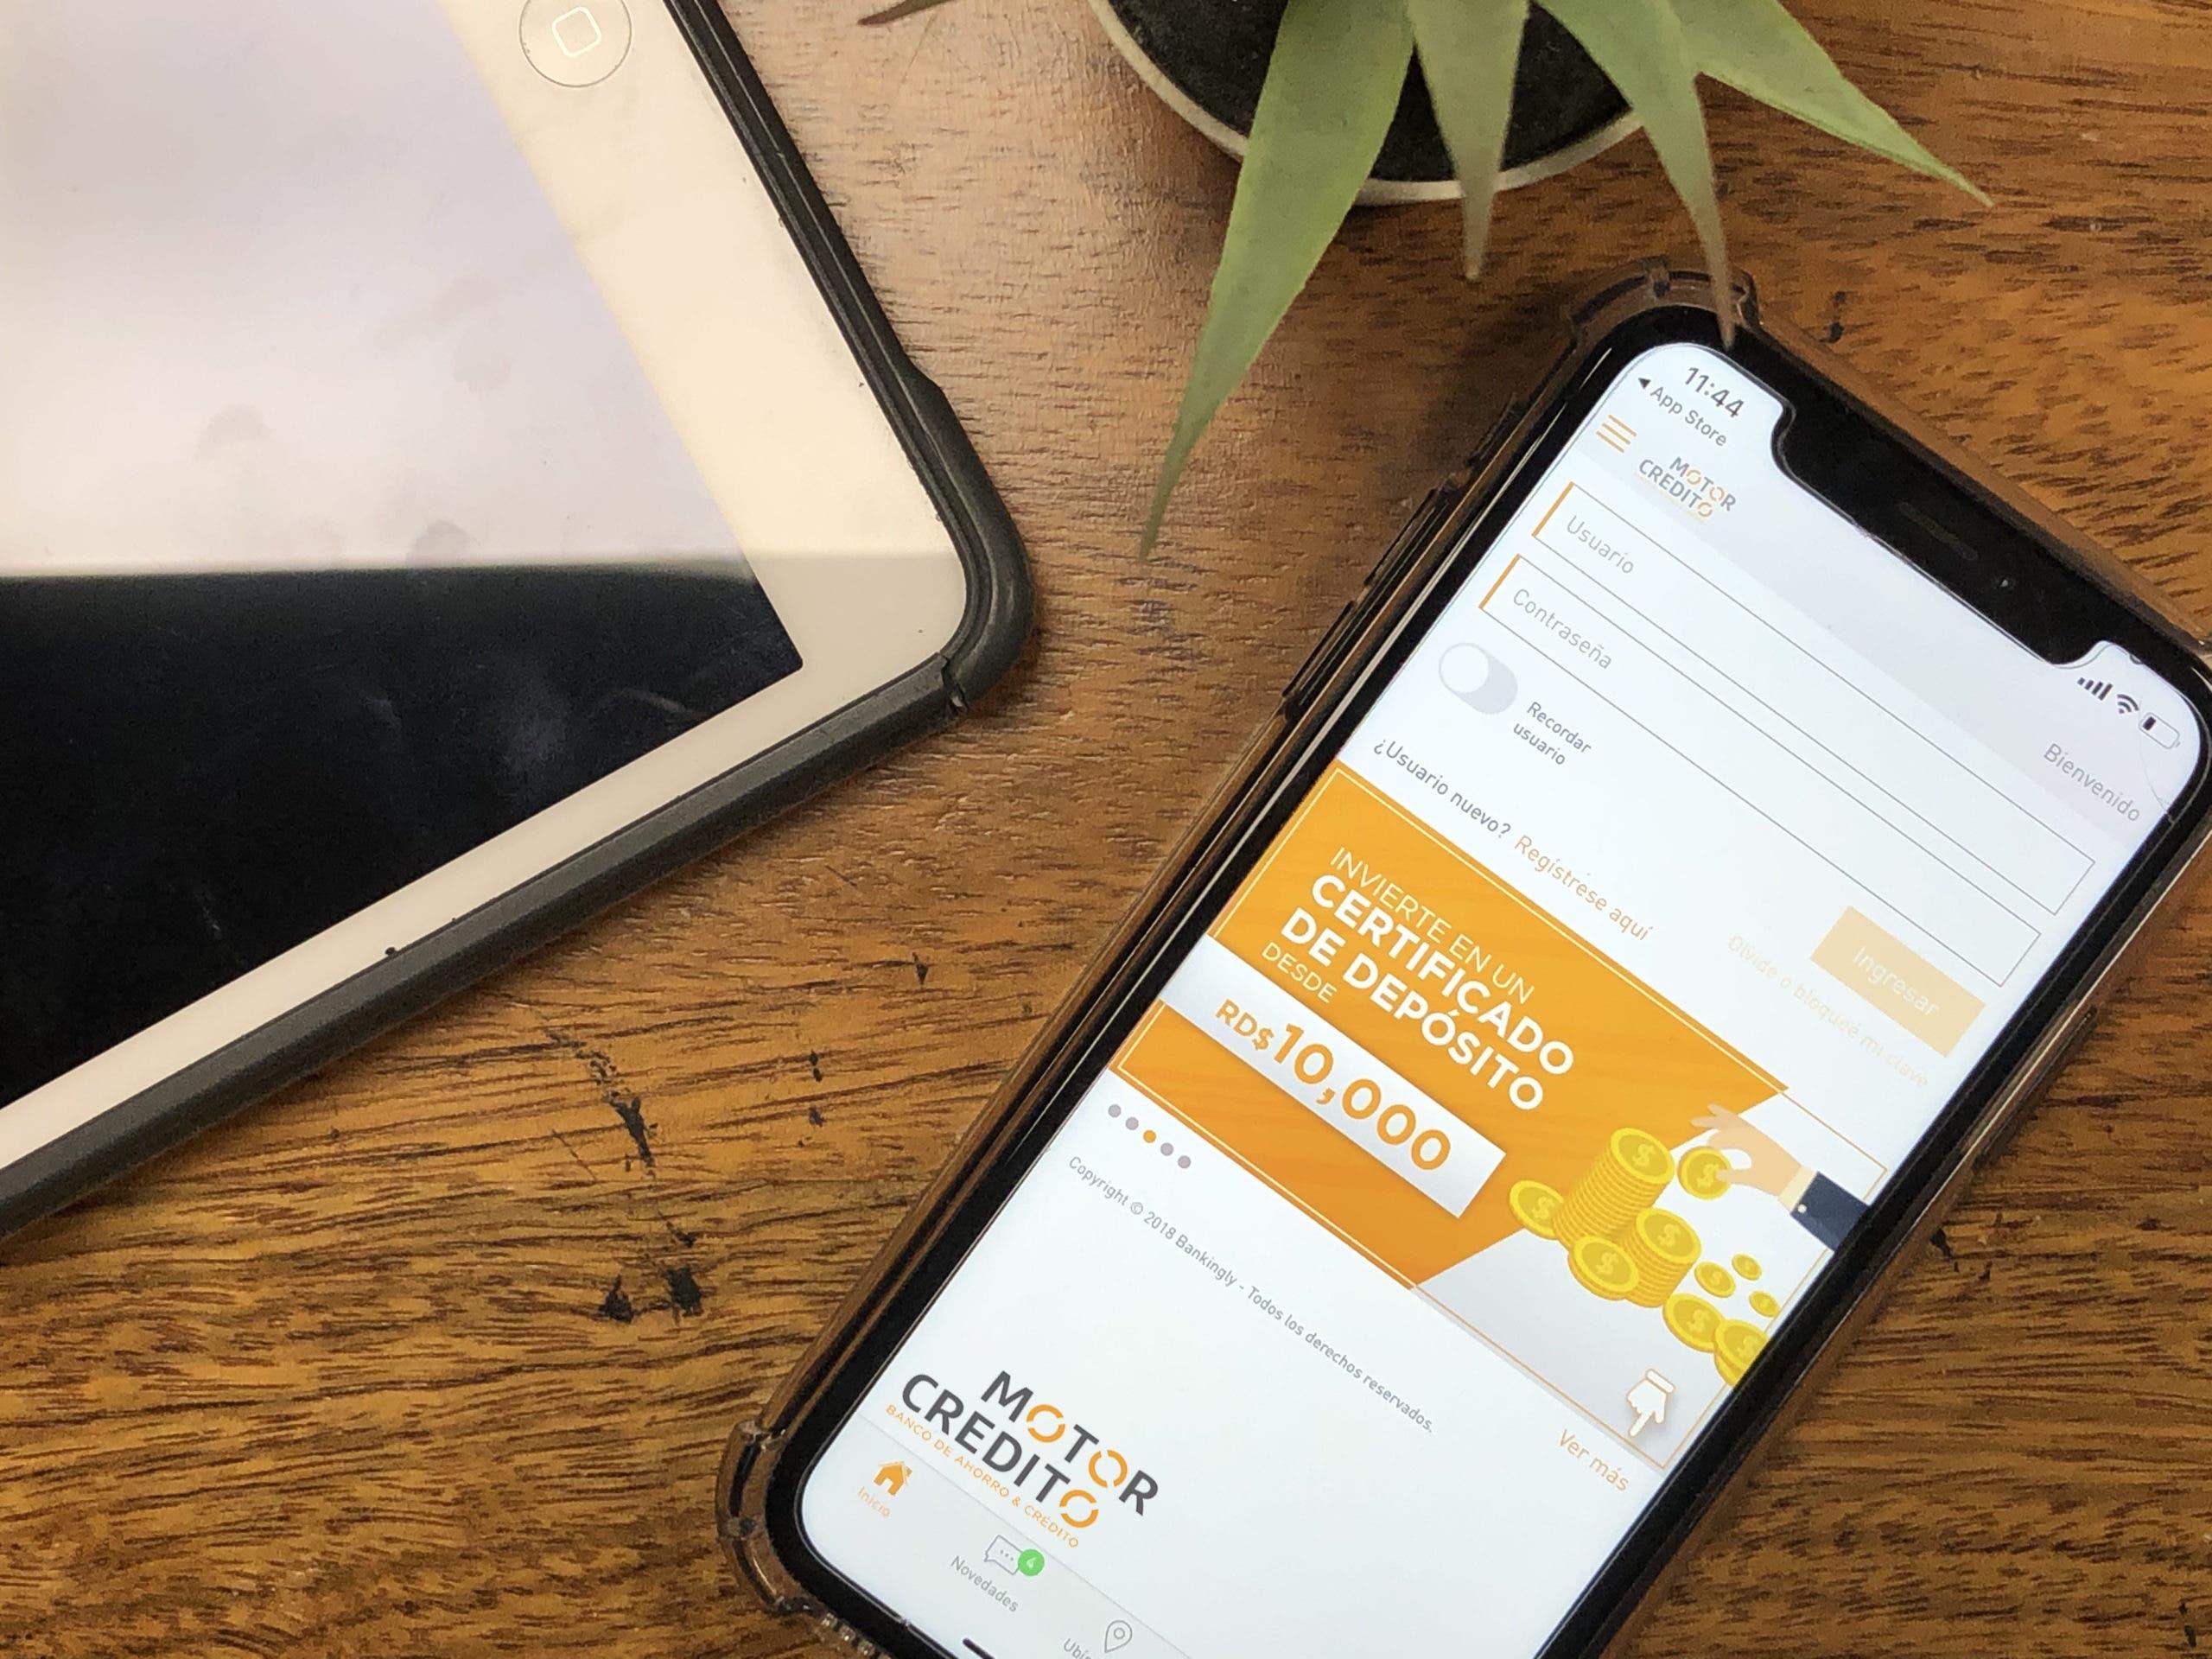 Motor Crédito presenta su nueva plataforma de banca en línea